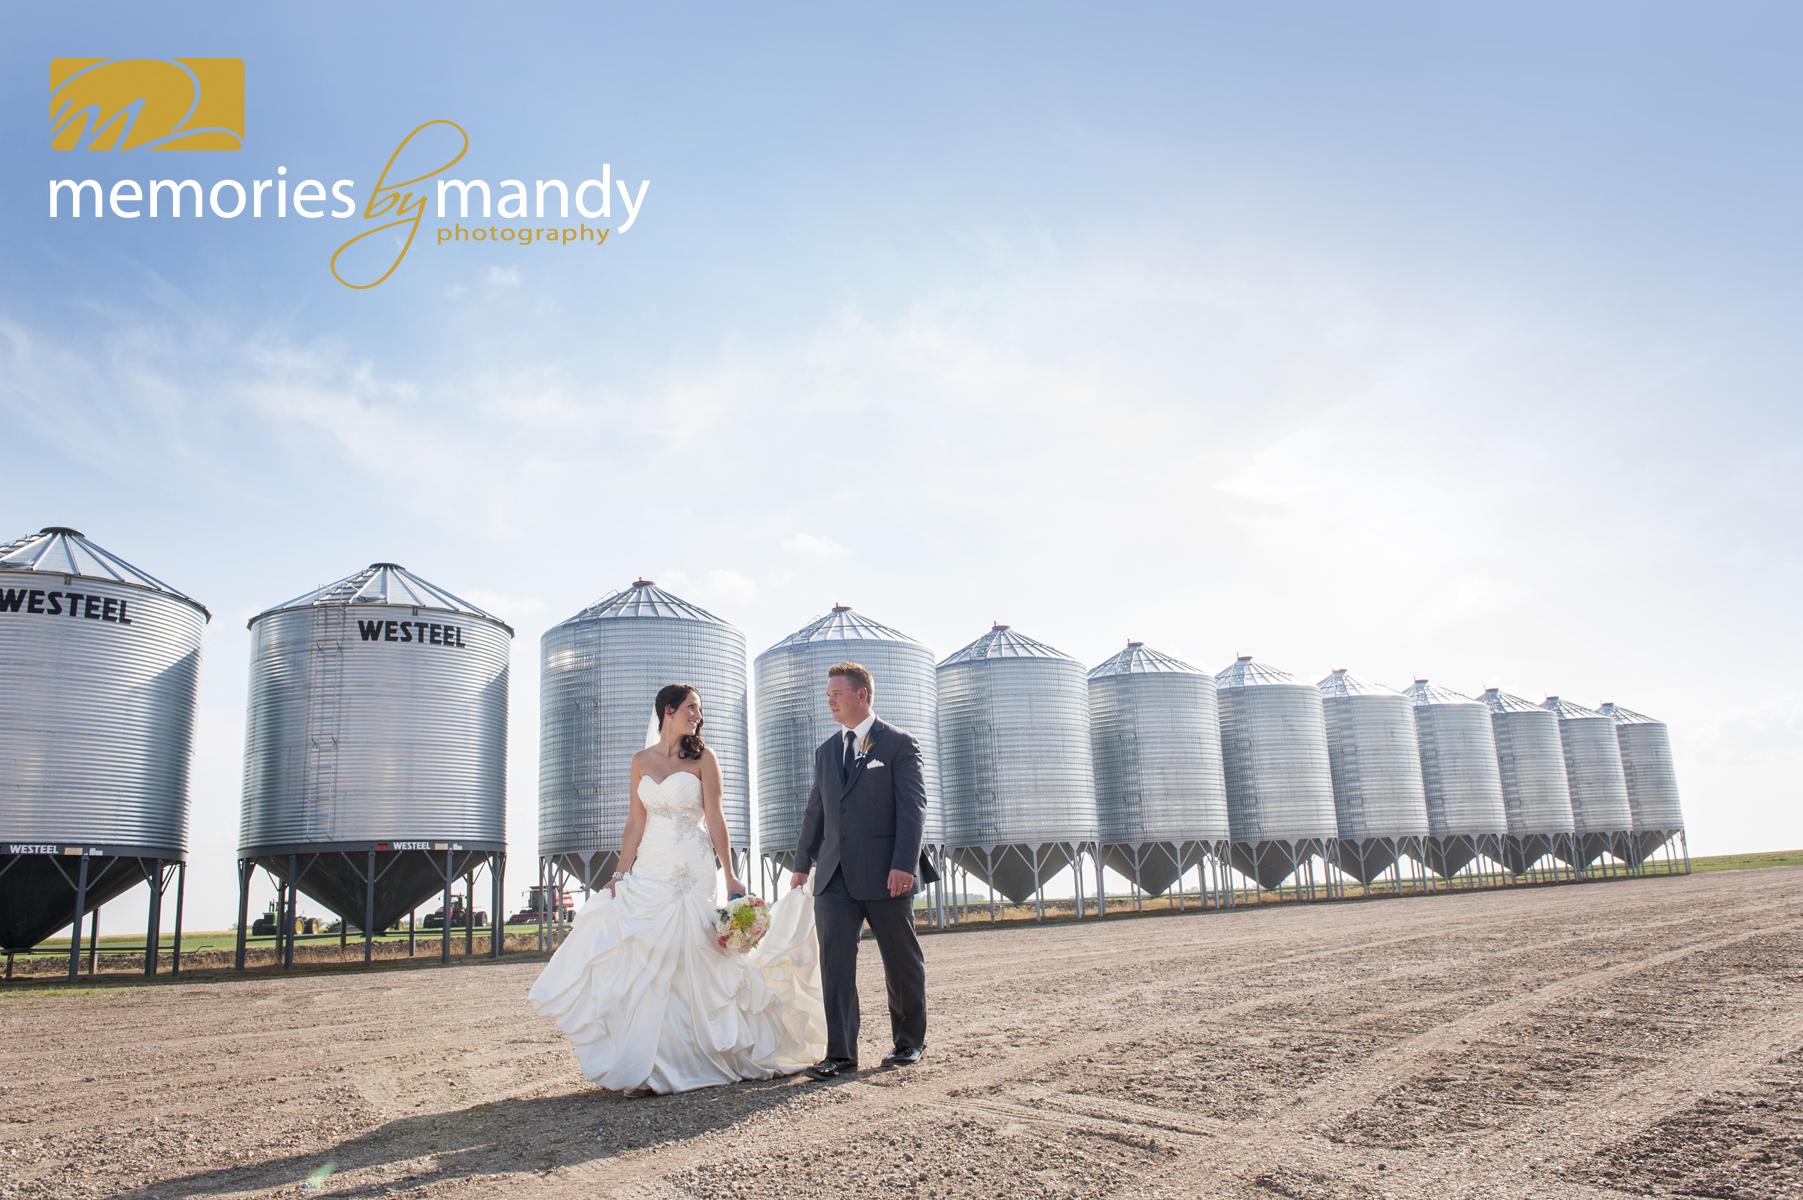 Memories by Mandy